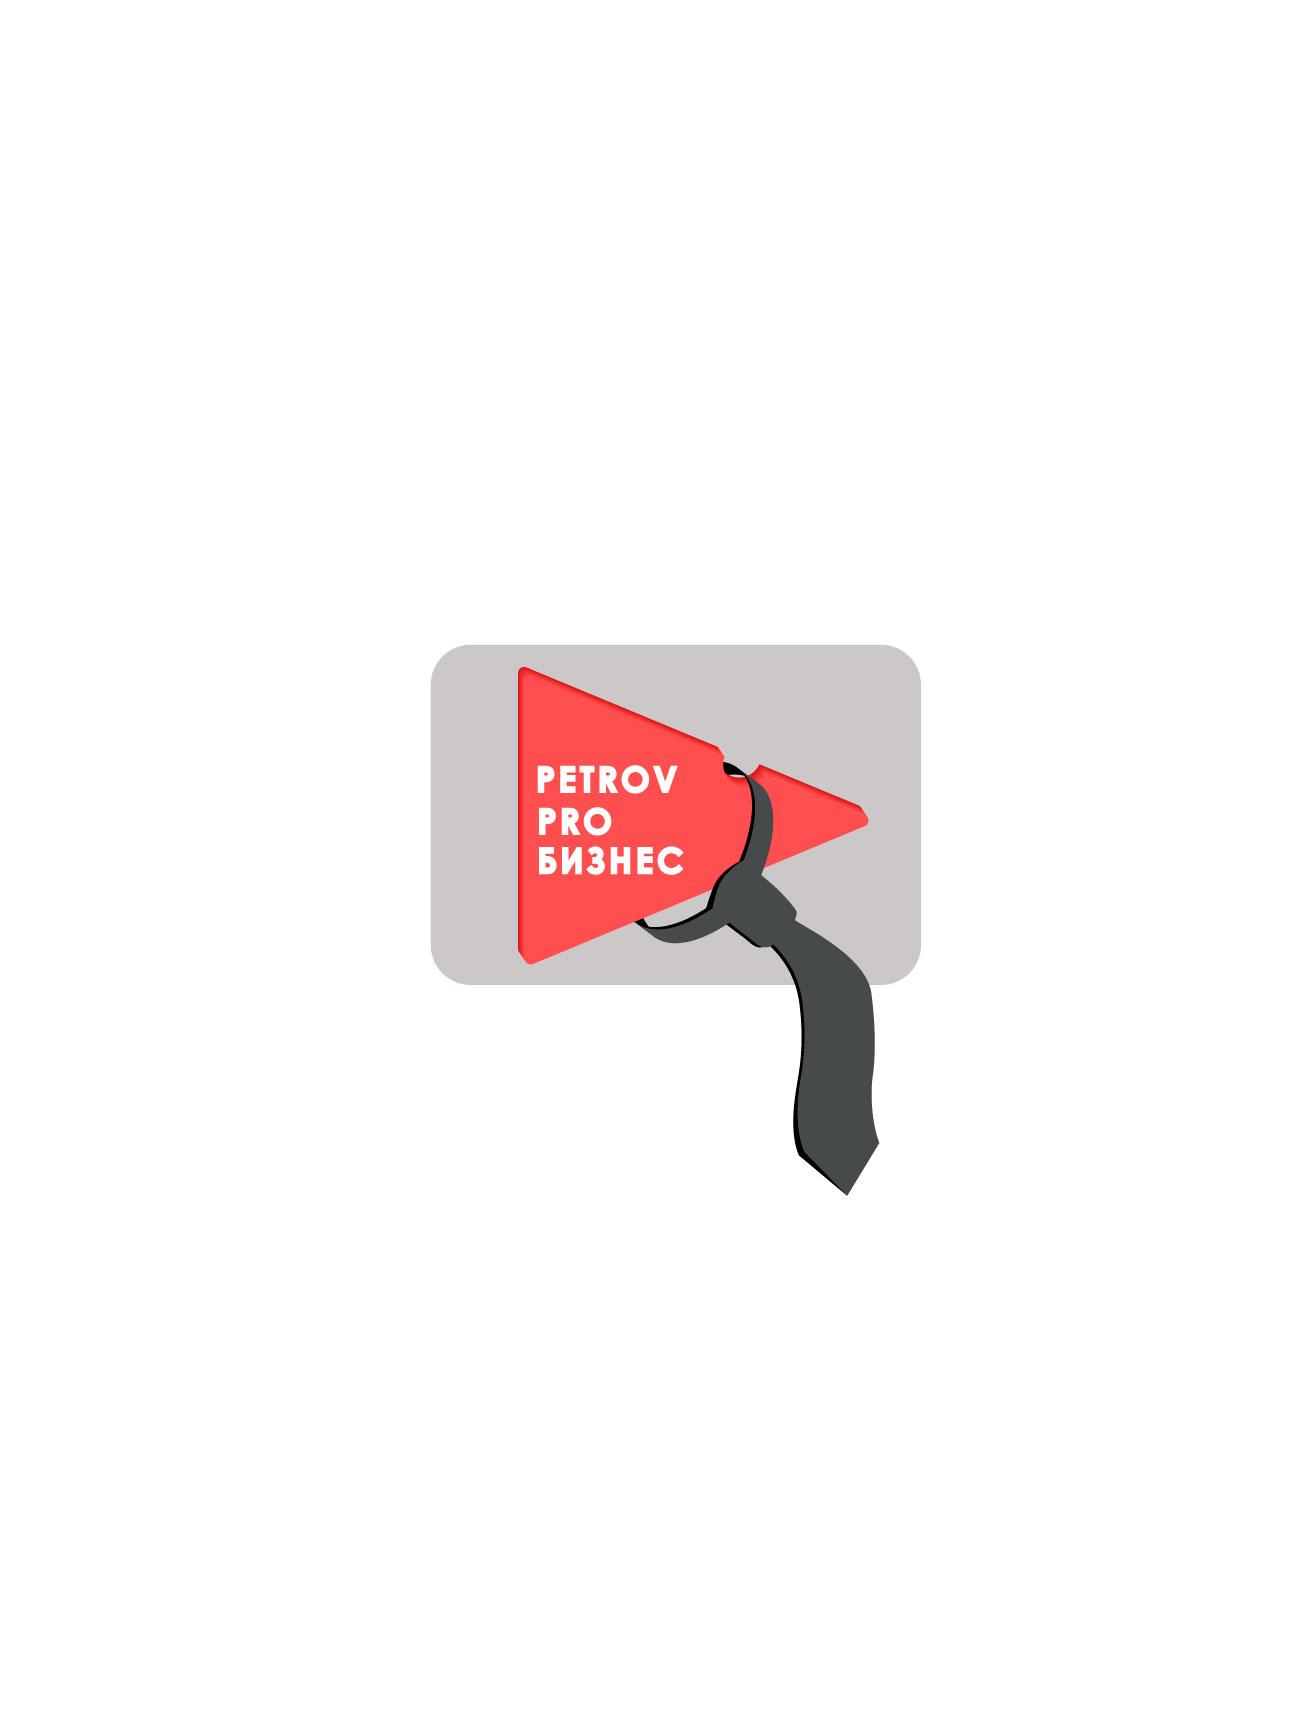 Создать логотип для YouTube канала  фото f_3725c01352bc5b48.jpg